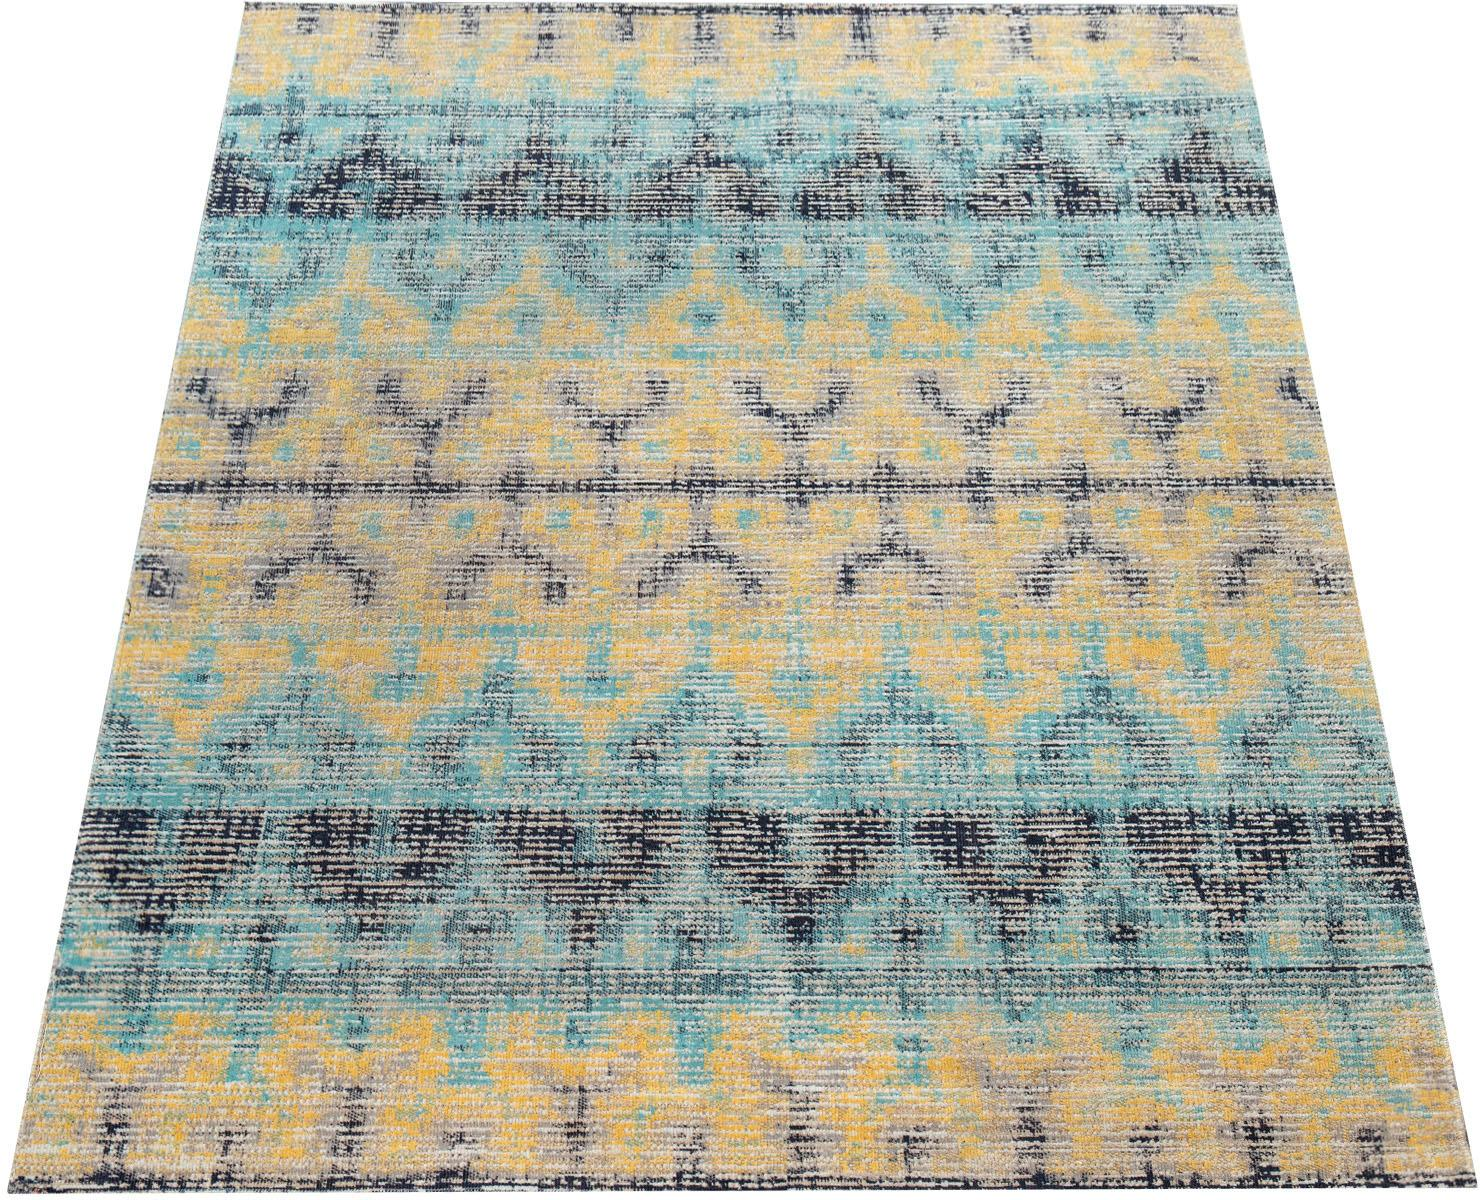 Paco Home Teppich Artigo 417, rechteckig, 4 mm Höhe, Vintage Design, In- un günstig online kaufen